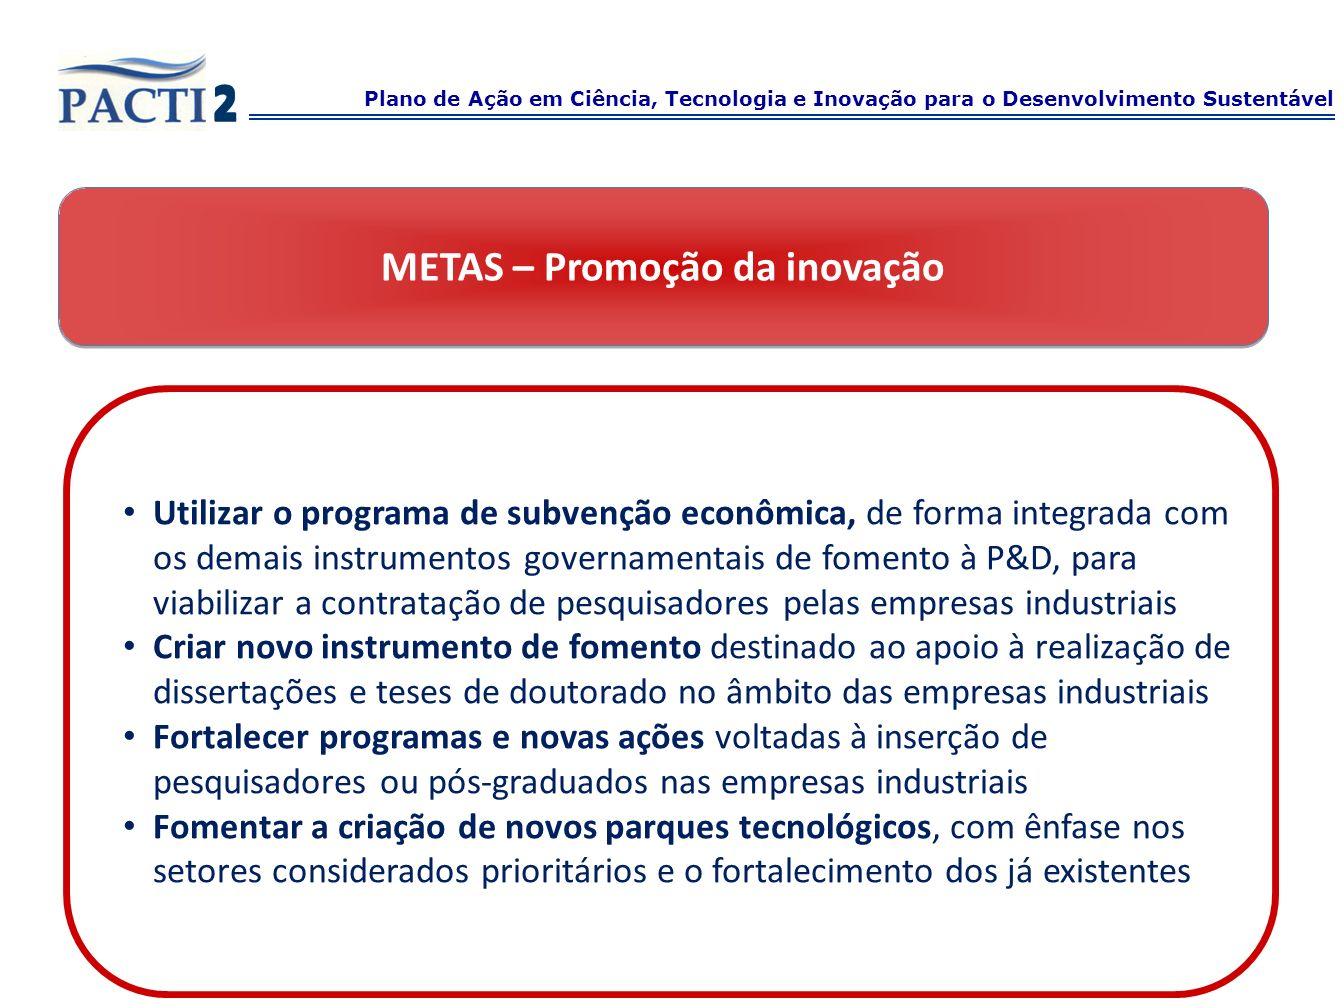 METAS – Promoção da inovação Utilizar o programa de subvenção econômica, de forma integrada com os demais instrumentos governamentais de fomento à P&D